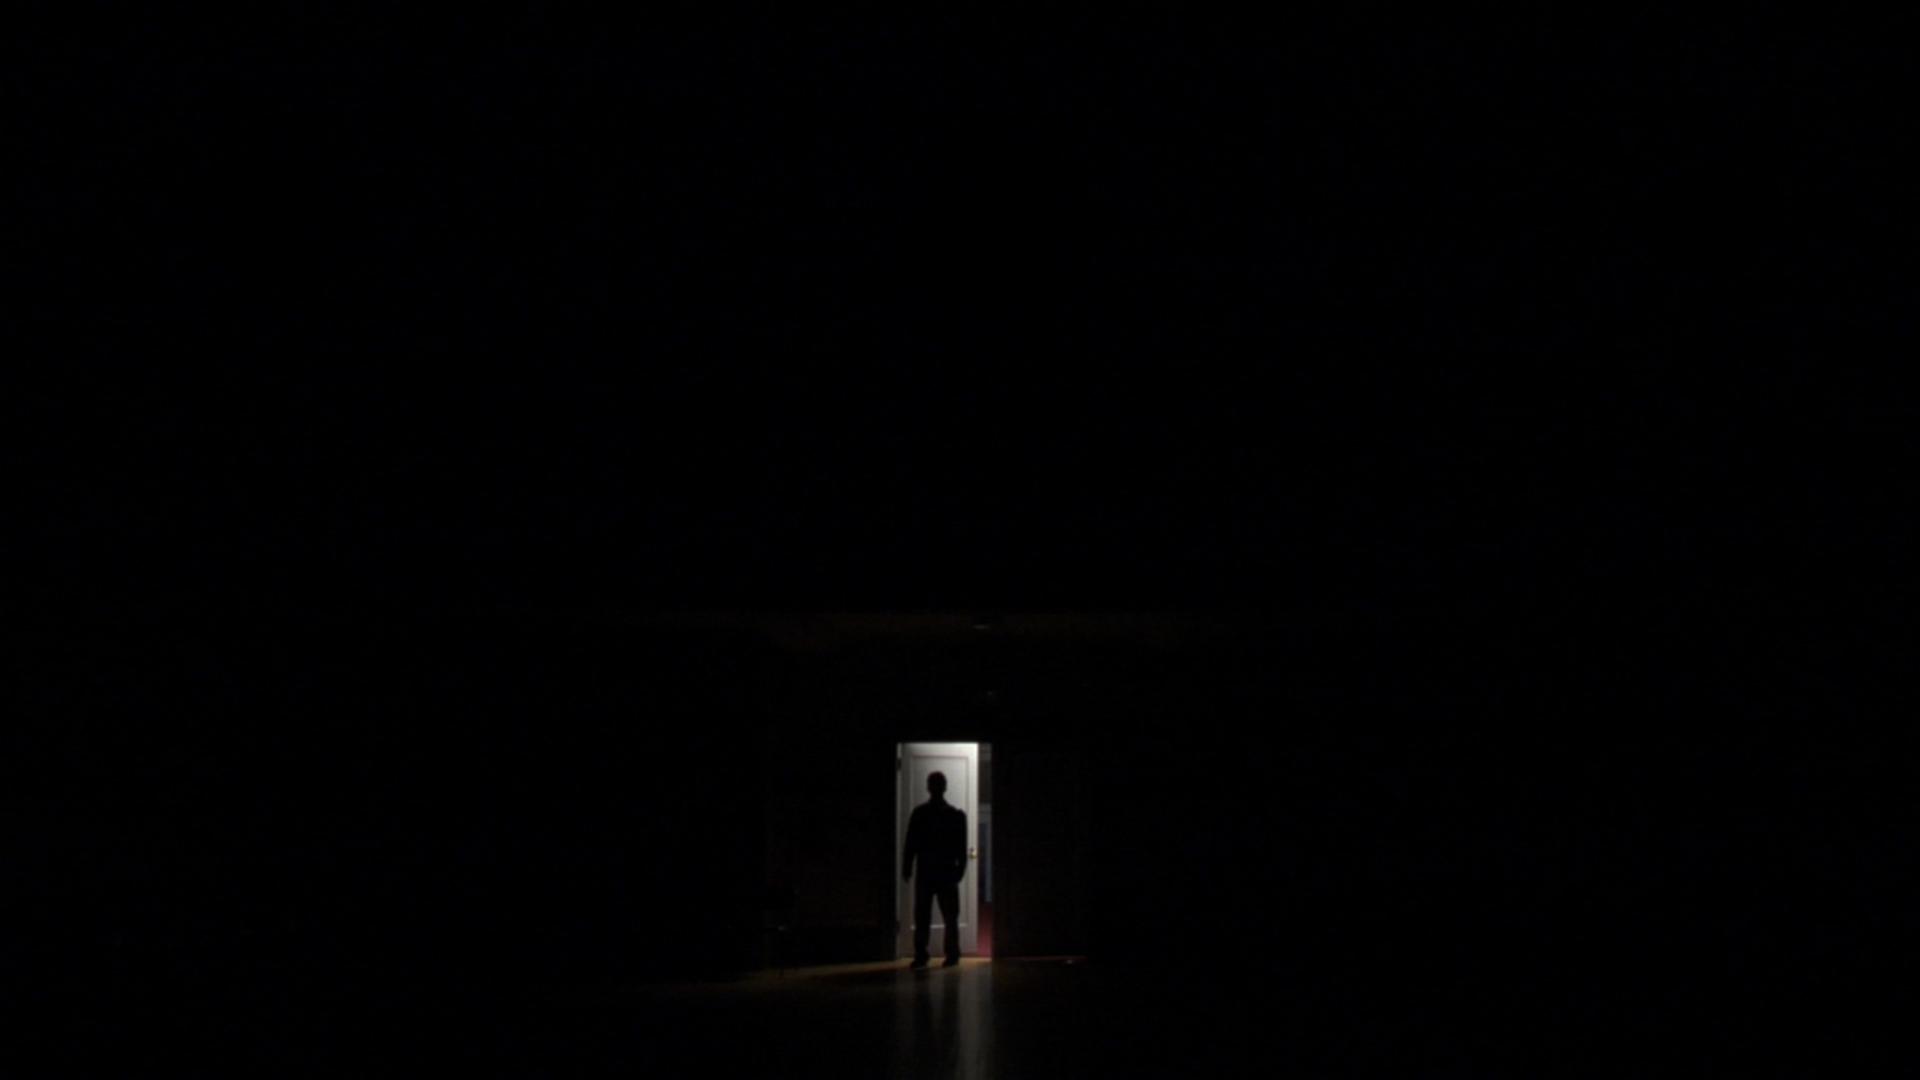 Výsledek obrázku pro dark